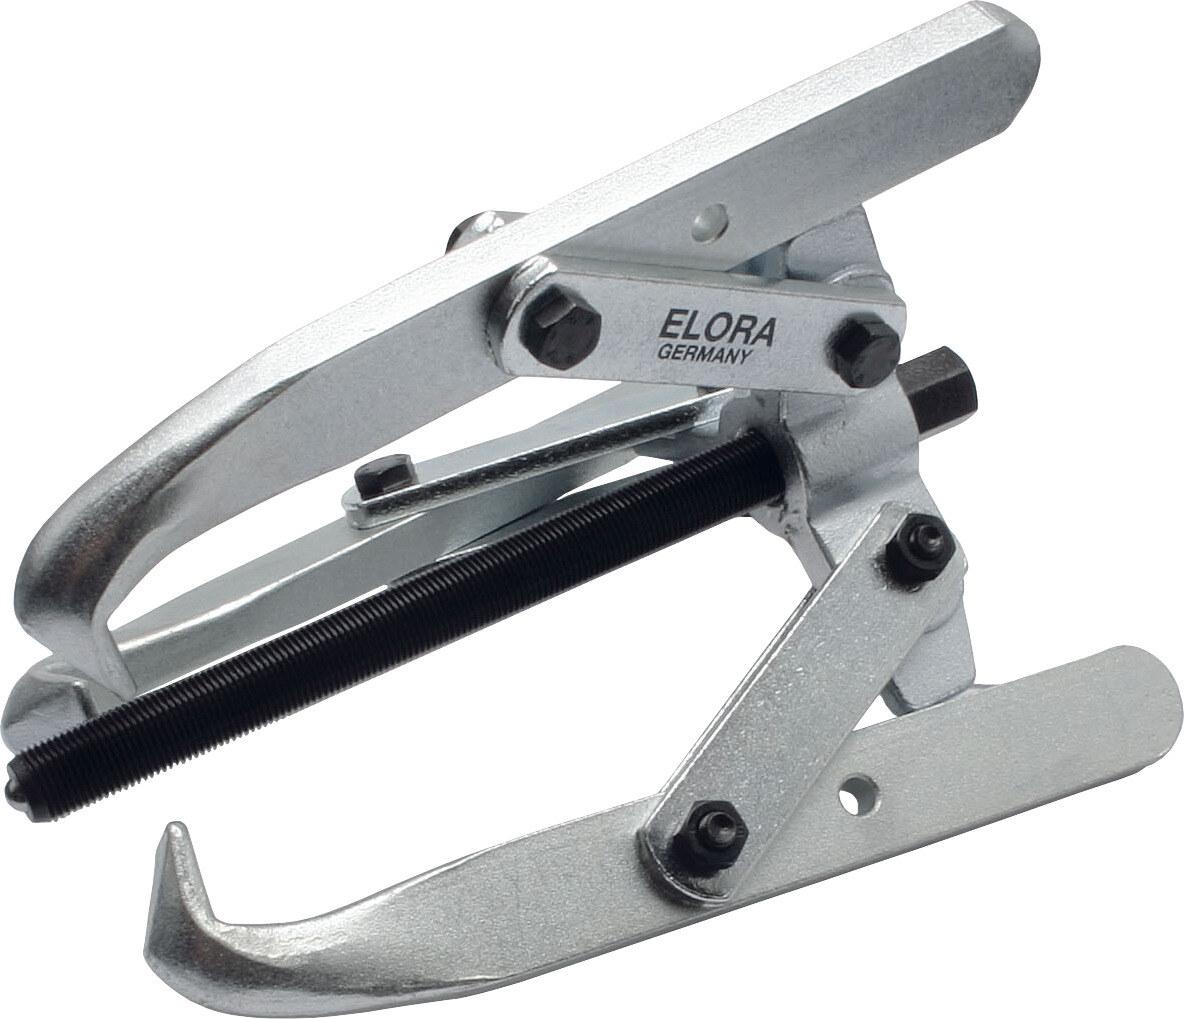 ELORA Puller, span width 18-100 mm, ELORA-177-100